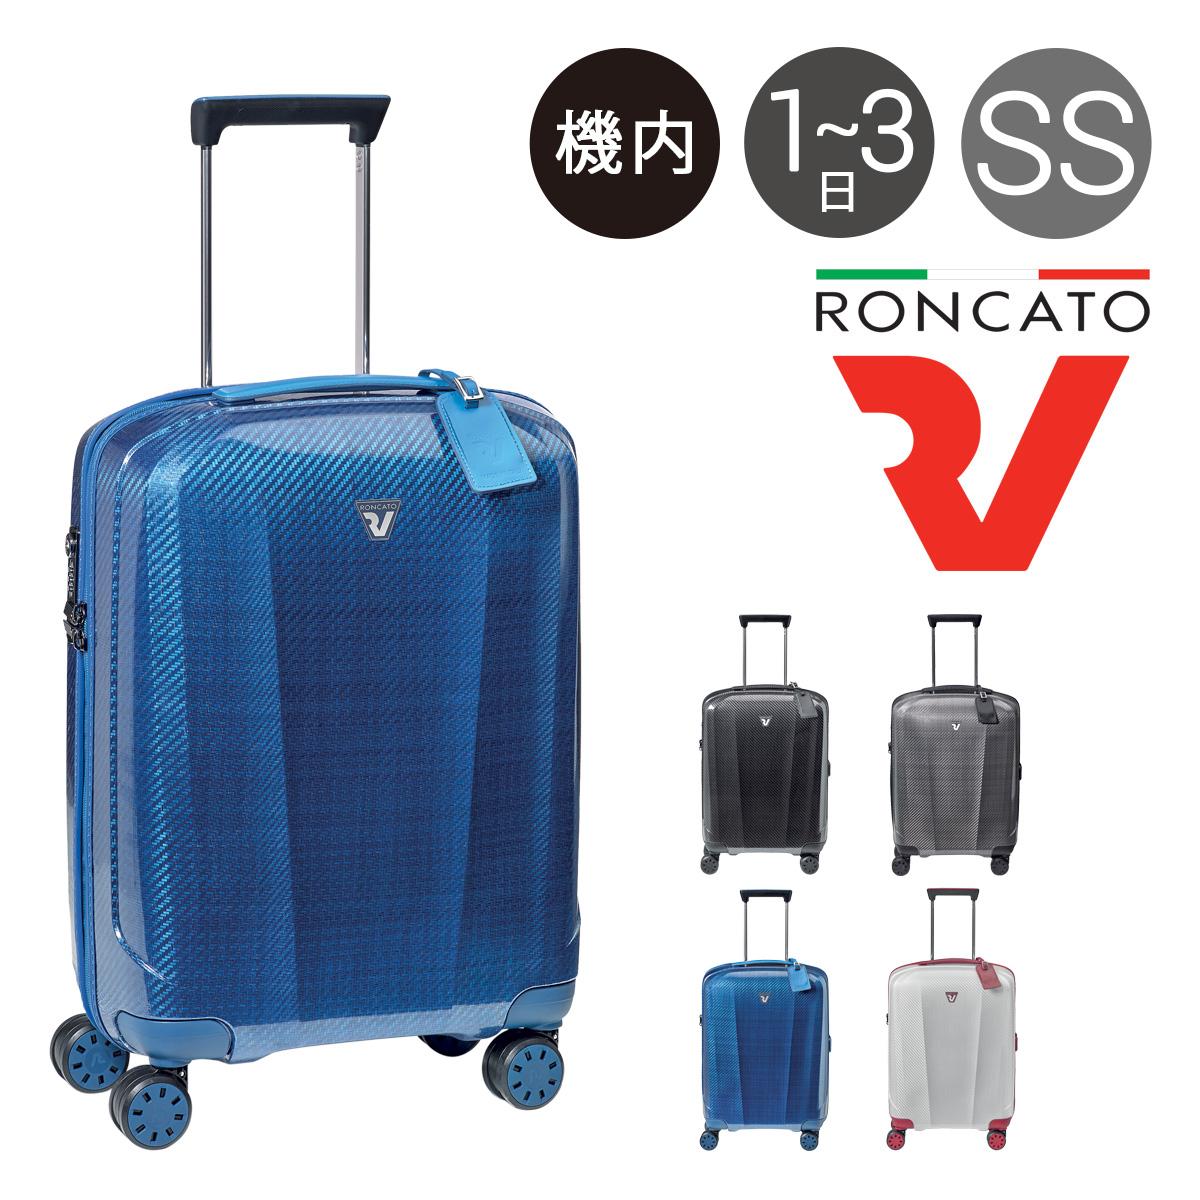 ロンカ-ト スーツケース 機内持ち込み 37L 51cm 2kg ウイアー 5953 イタリア製 RONCATO WE ARE ハード ファスナー キャリーバッグ キャリーケース 軽量 TSAロック搭載[PO10]